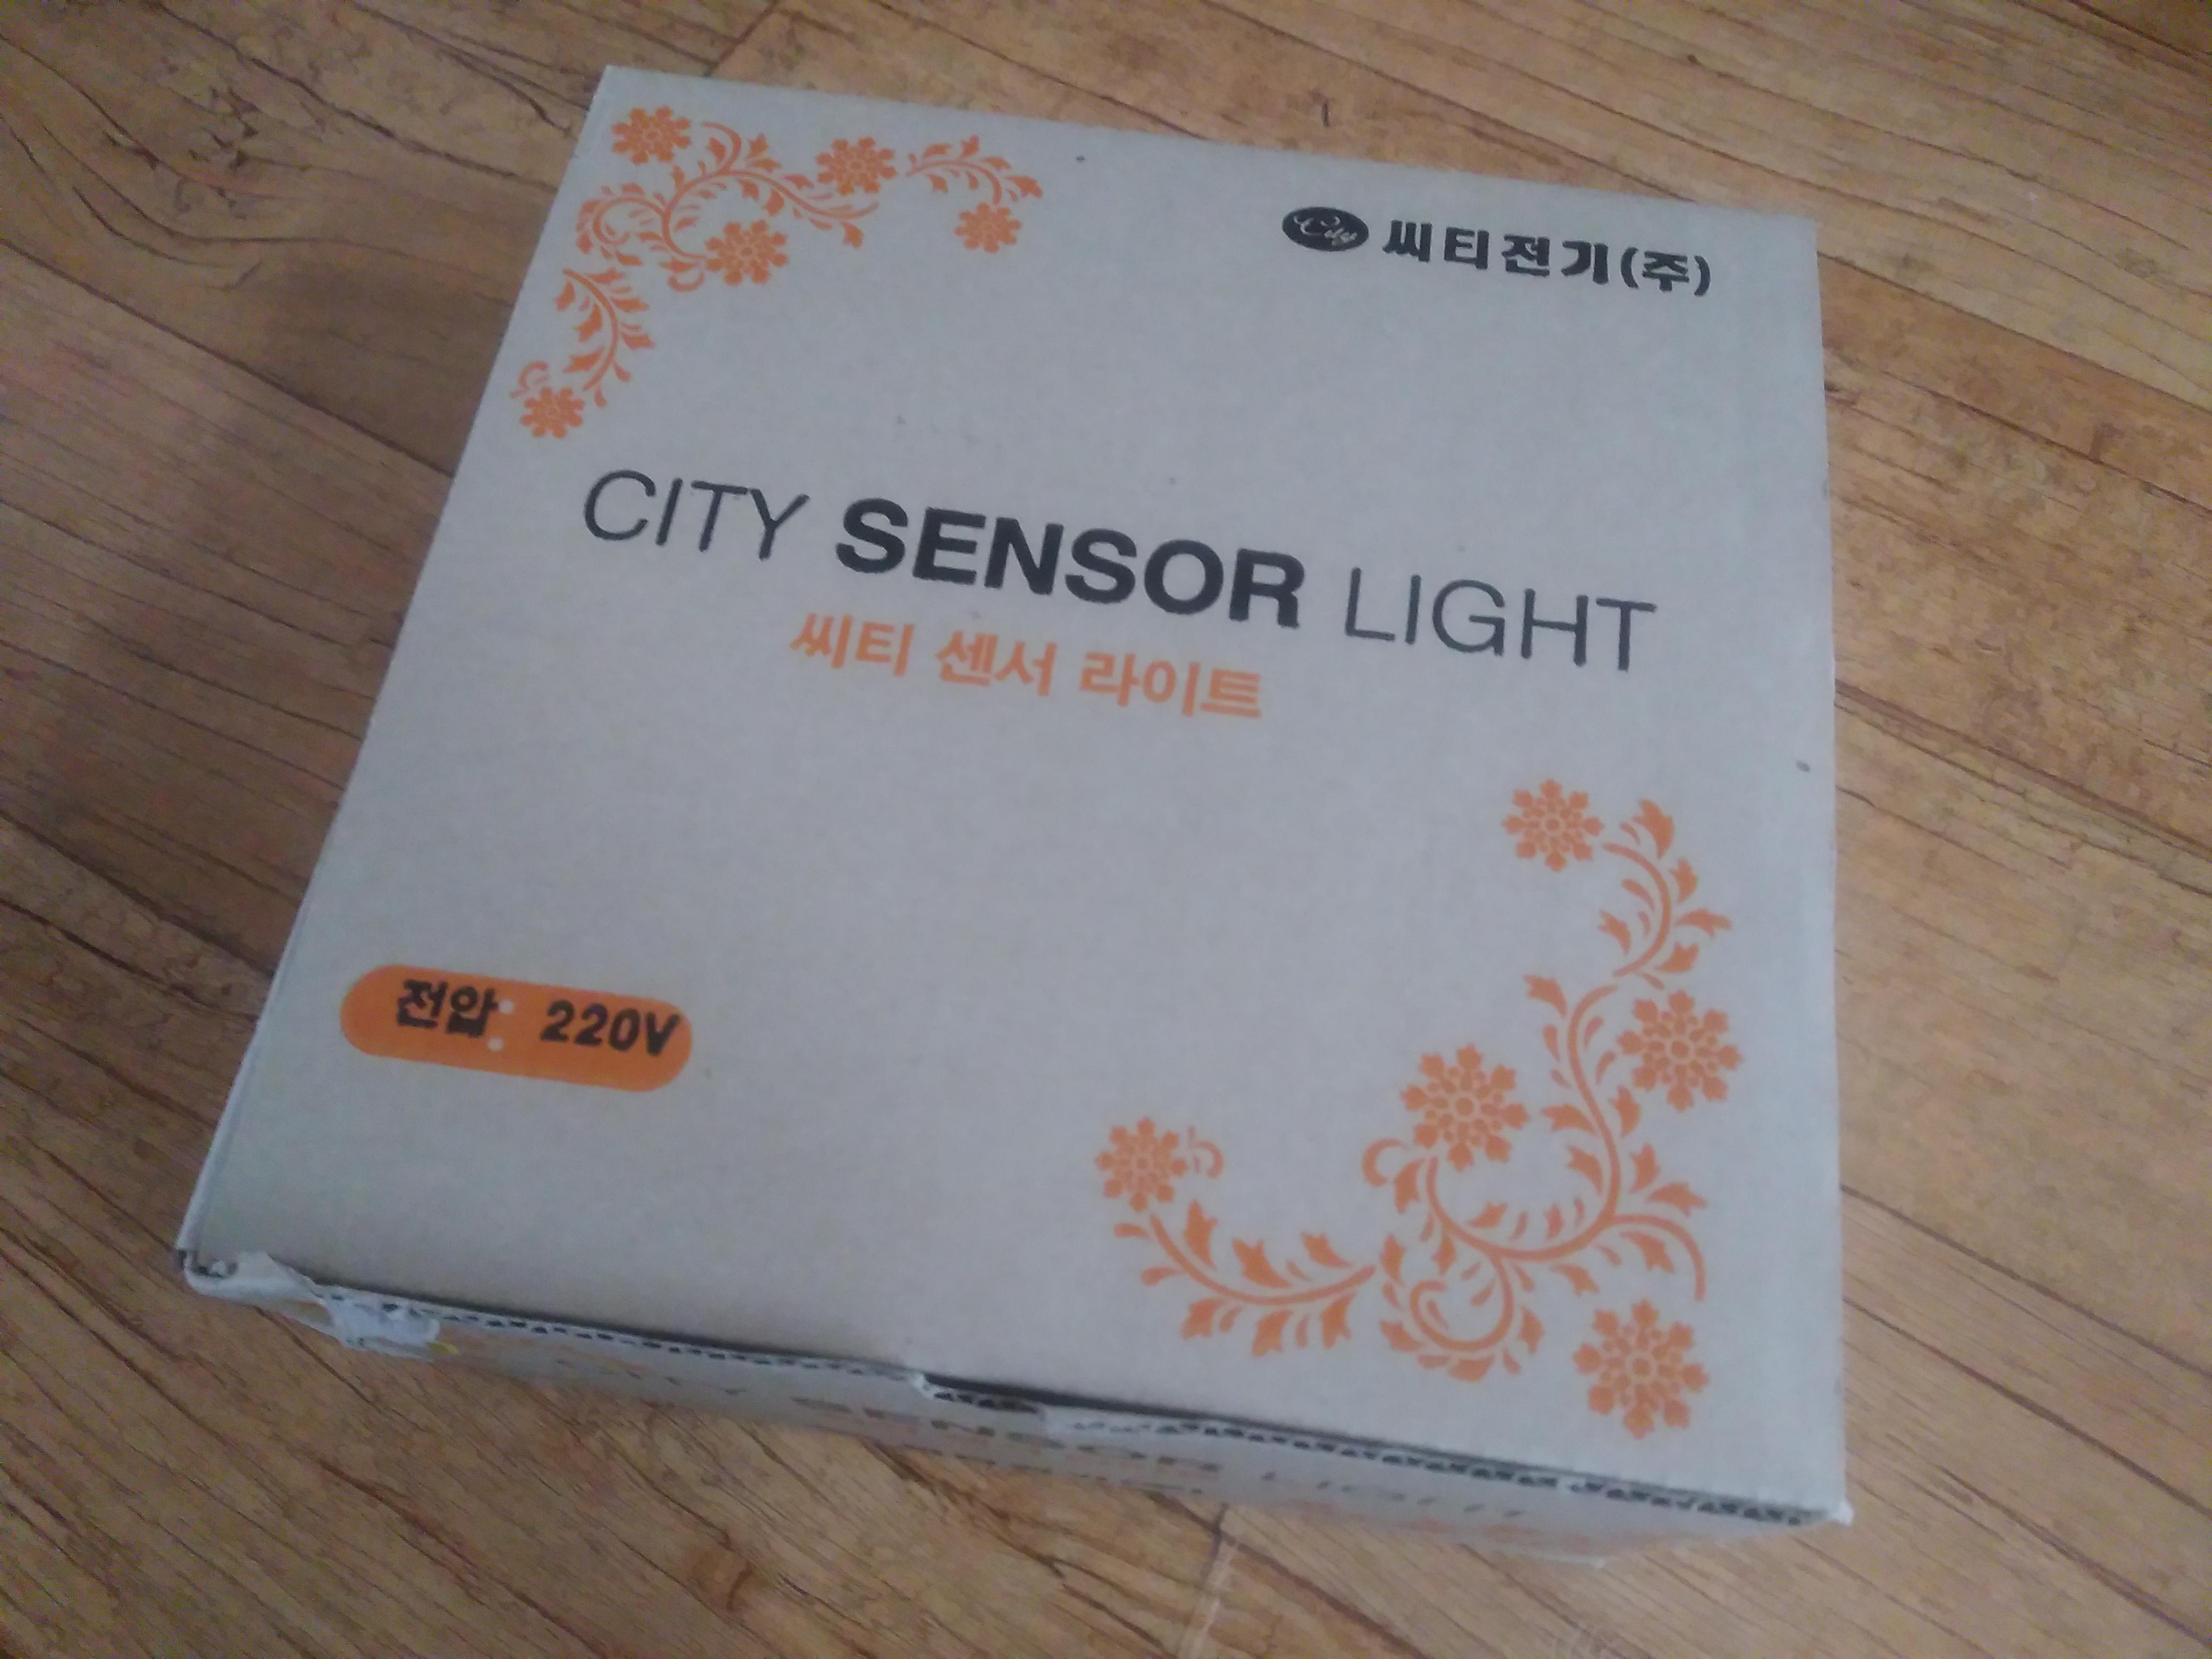 씨티 센서 라이트 City Sensor Light